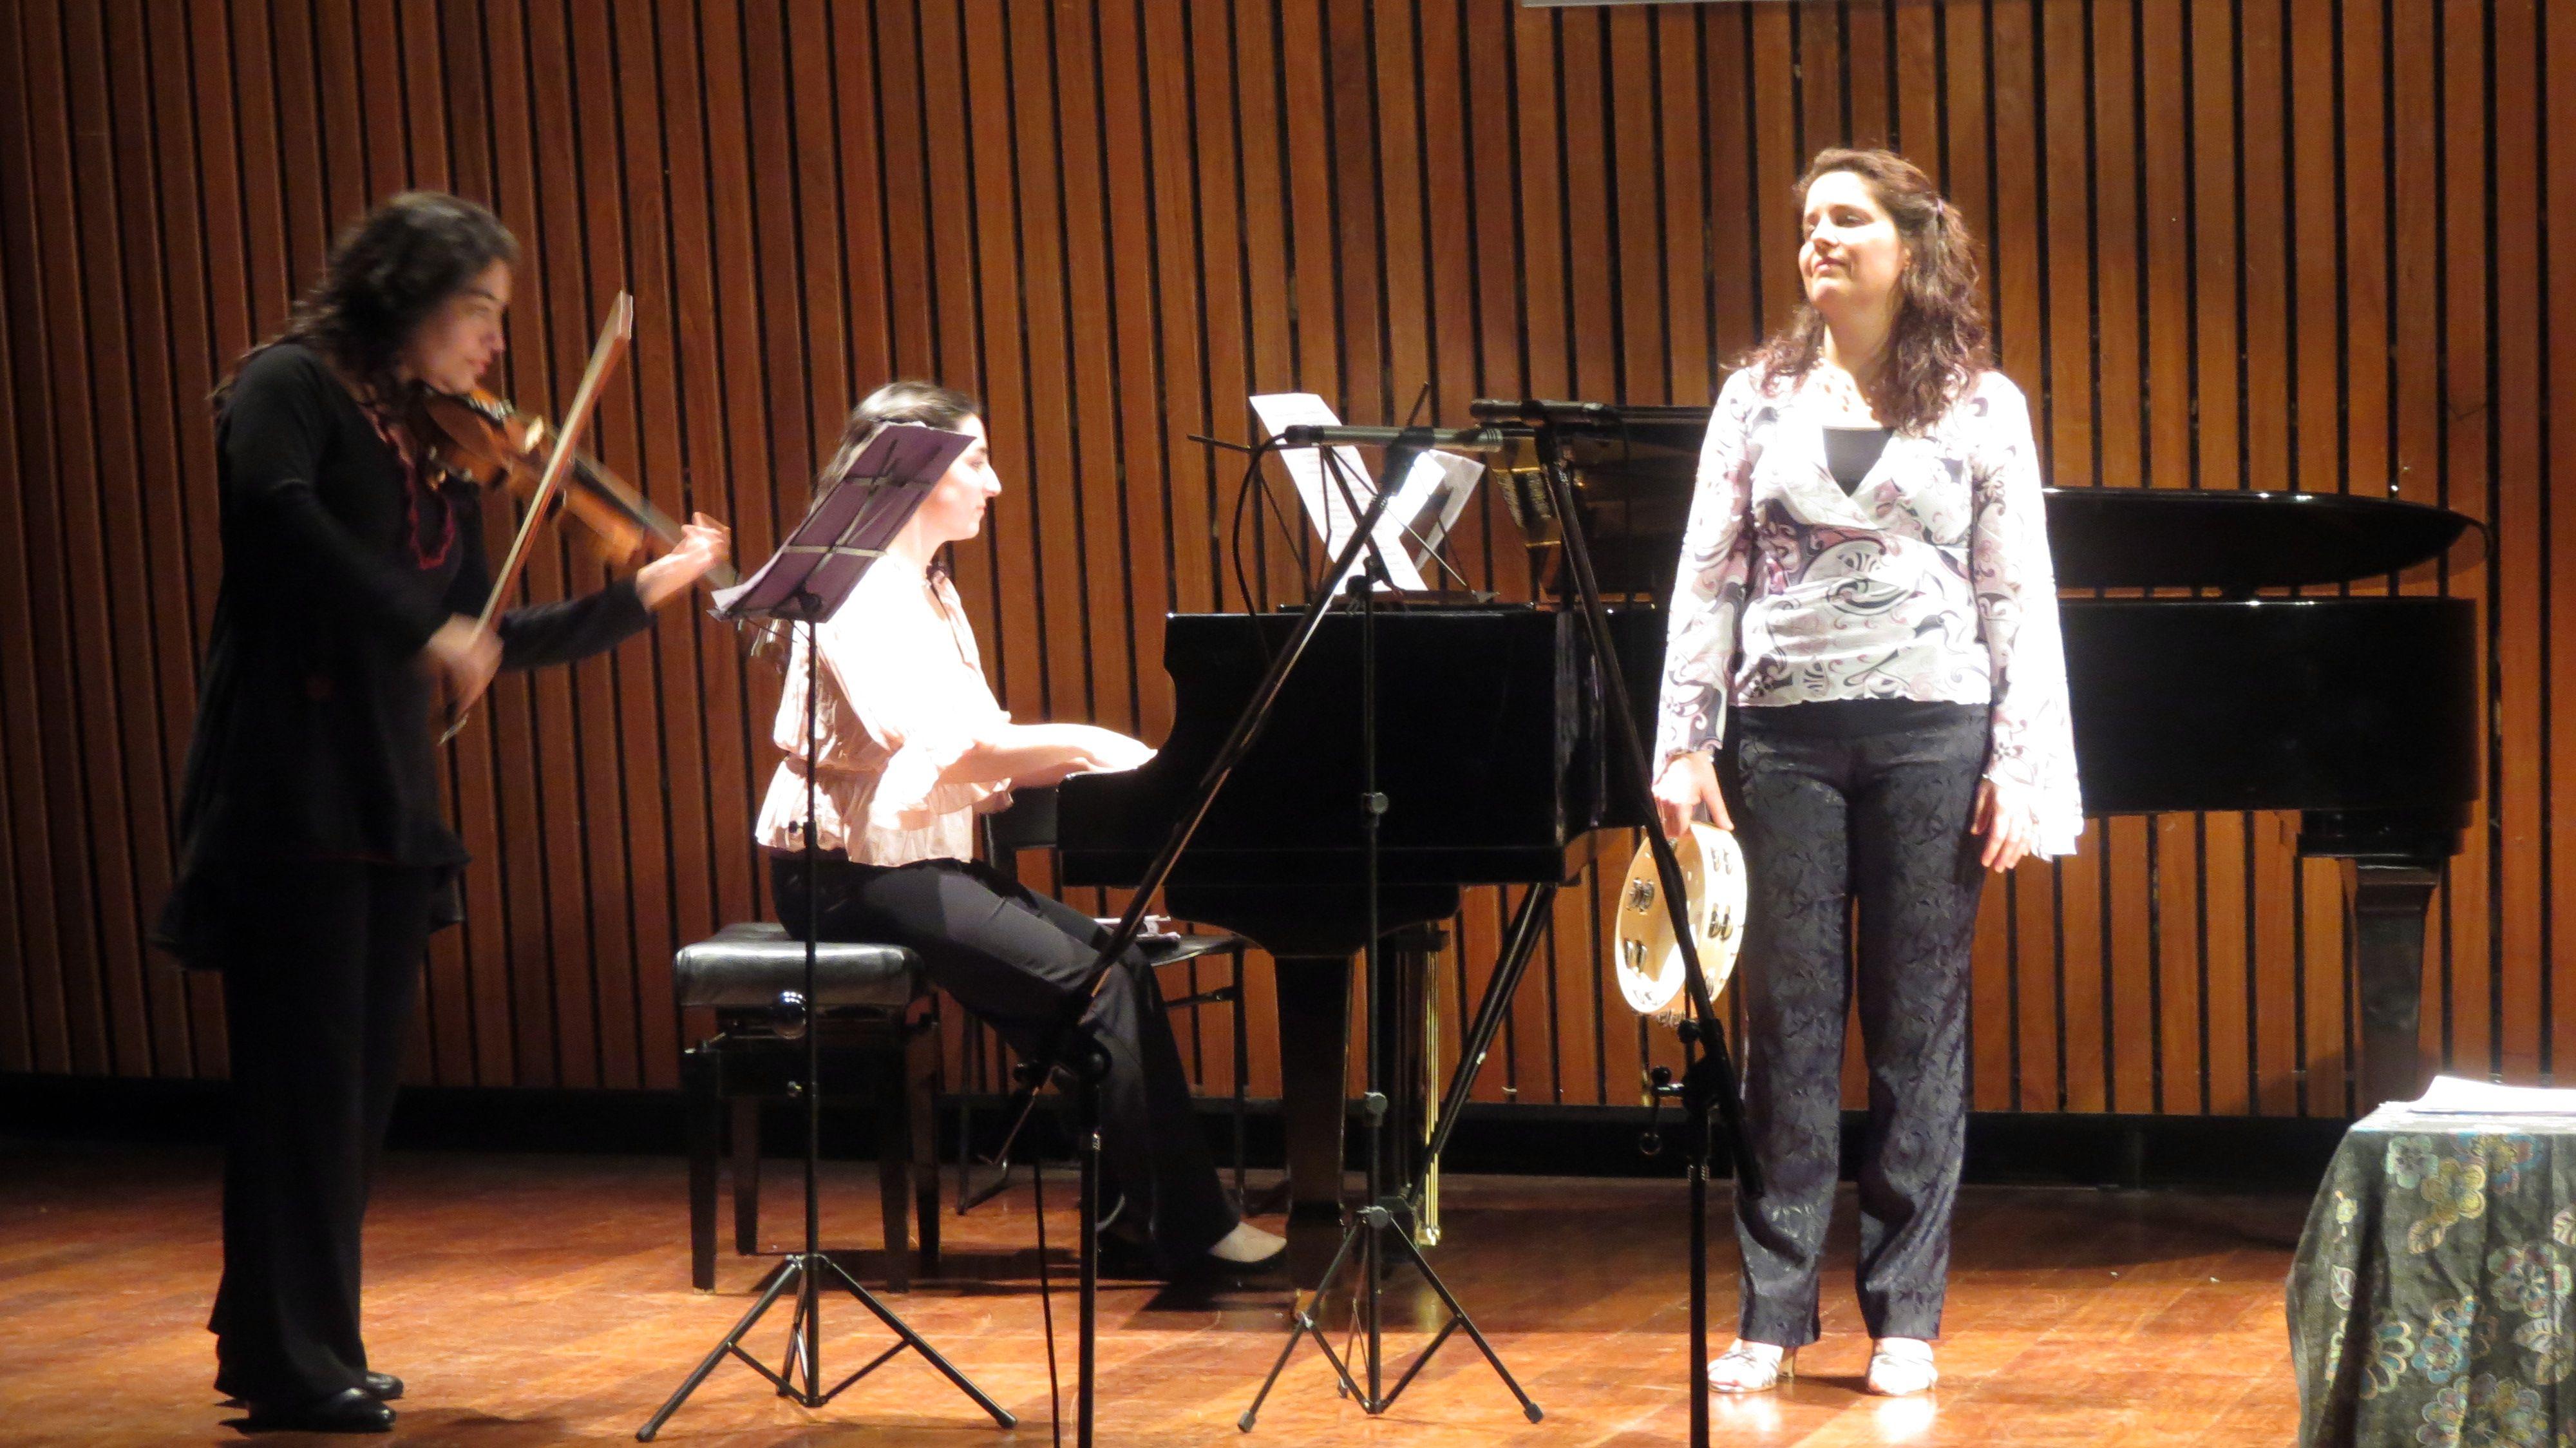 De izquierda a derecha: Florencia Ciaffone (violín), Guadalupe Mroue (piano) y Lizie Rey (soprano), el 1 de agosto en el auditorio Jorge Luis Borges de la Biblioteca Nacional Mariano Moreno, en Buenos Aires.